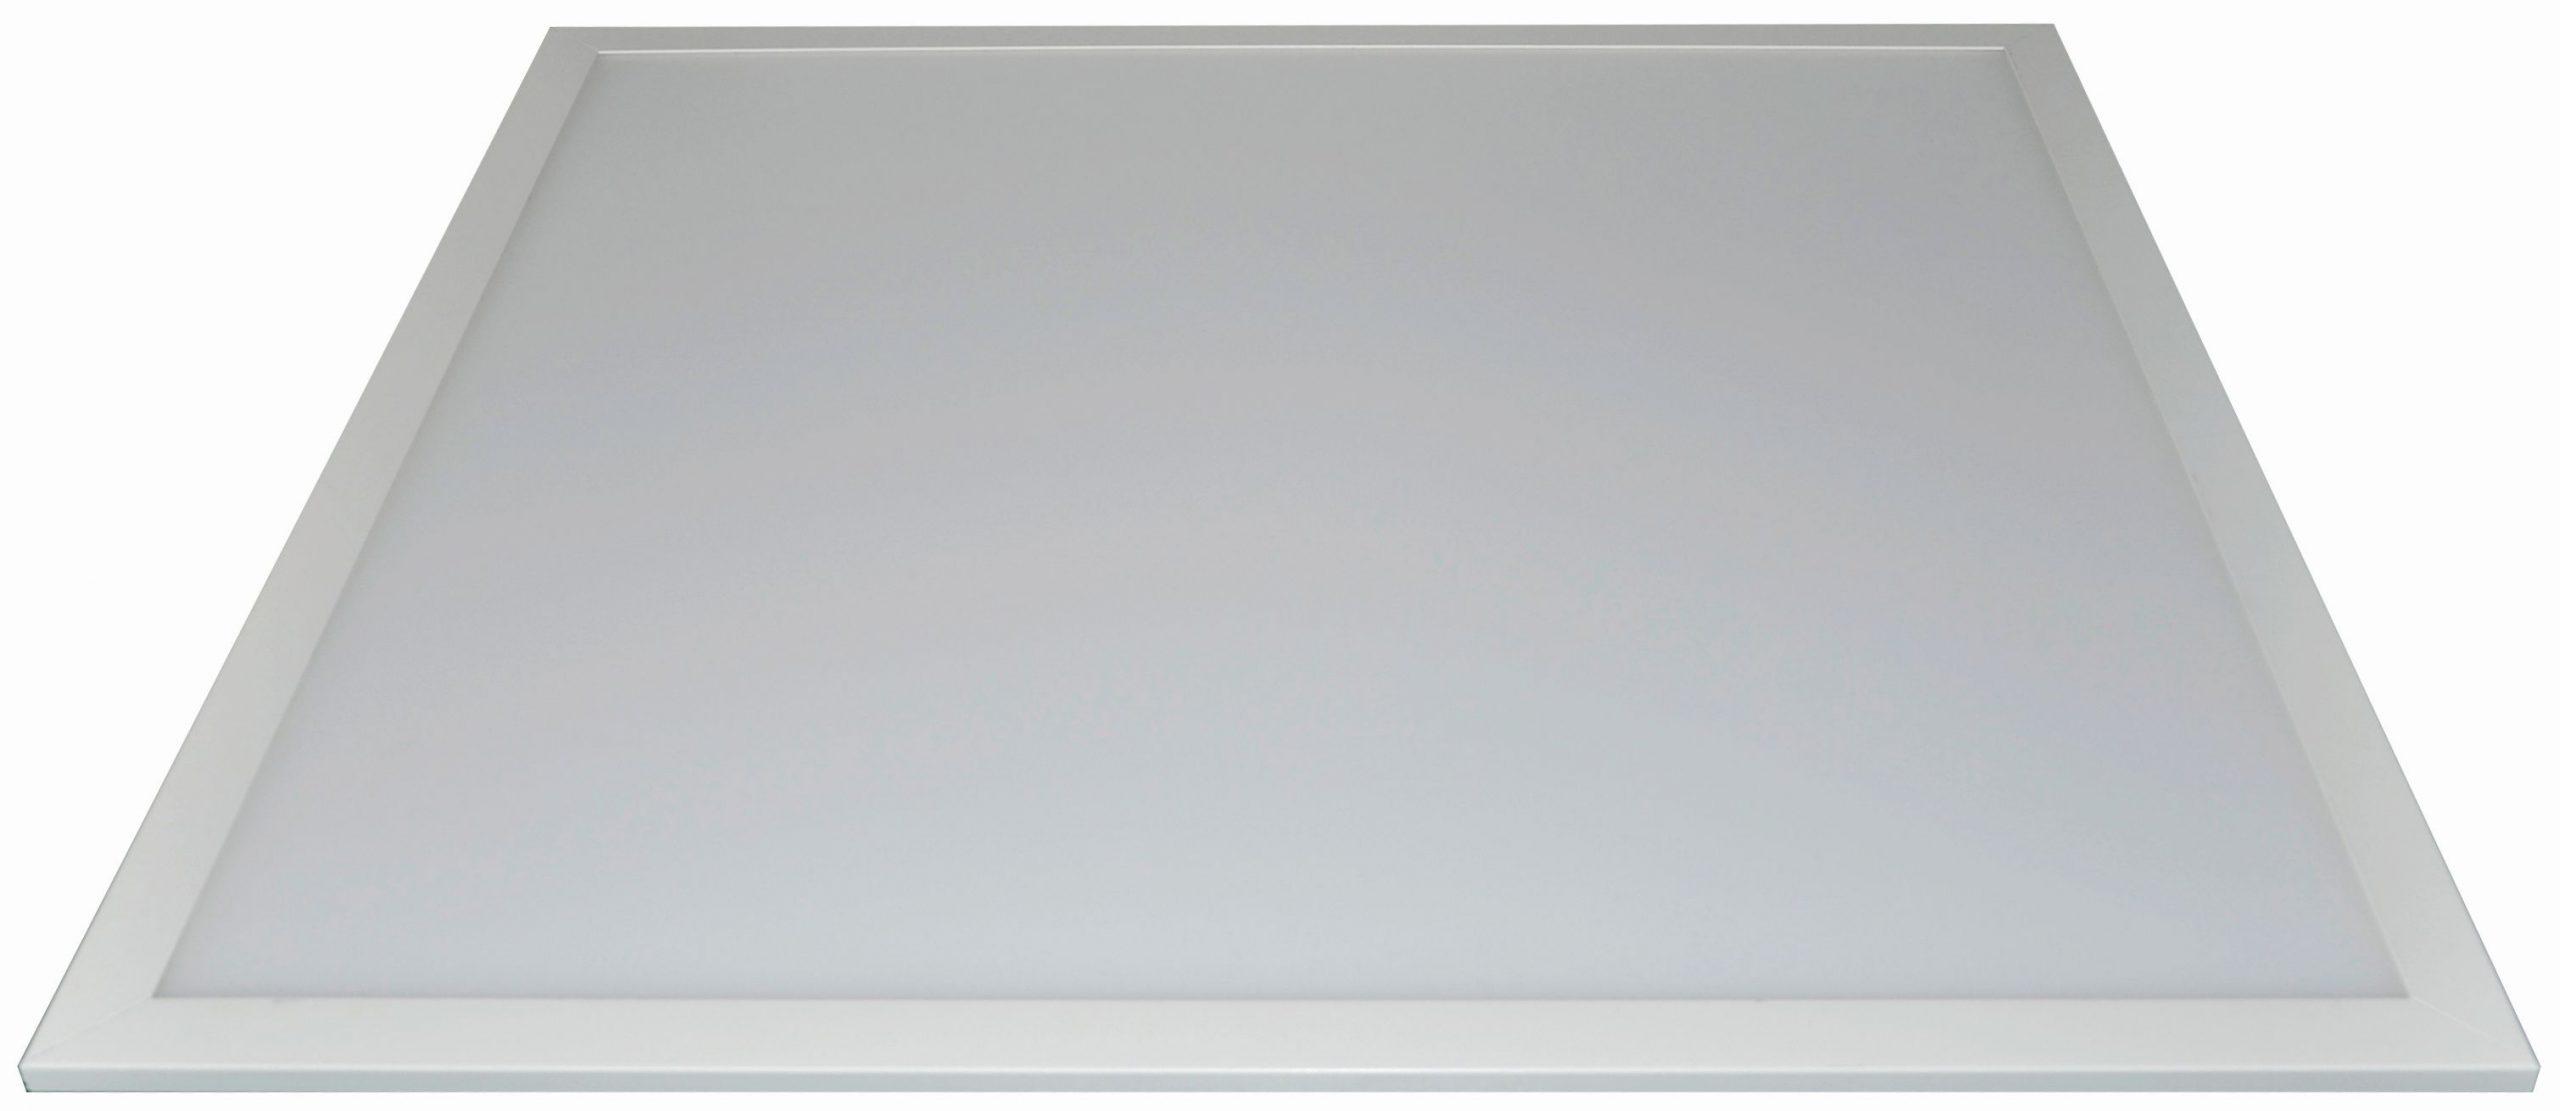 Backlit-Panel Einlegeleuchte Modul-625 Premium-Ausführung: UGR